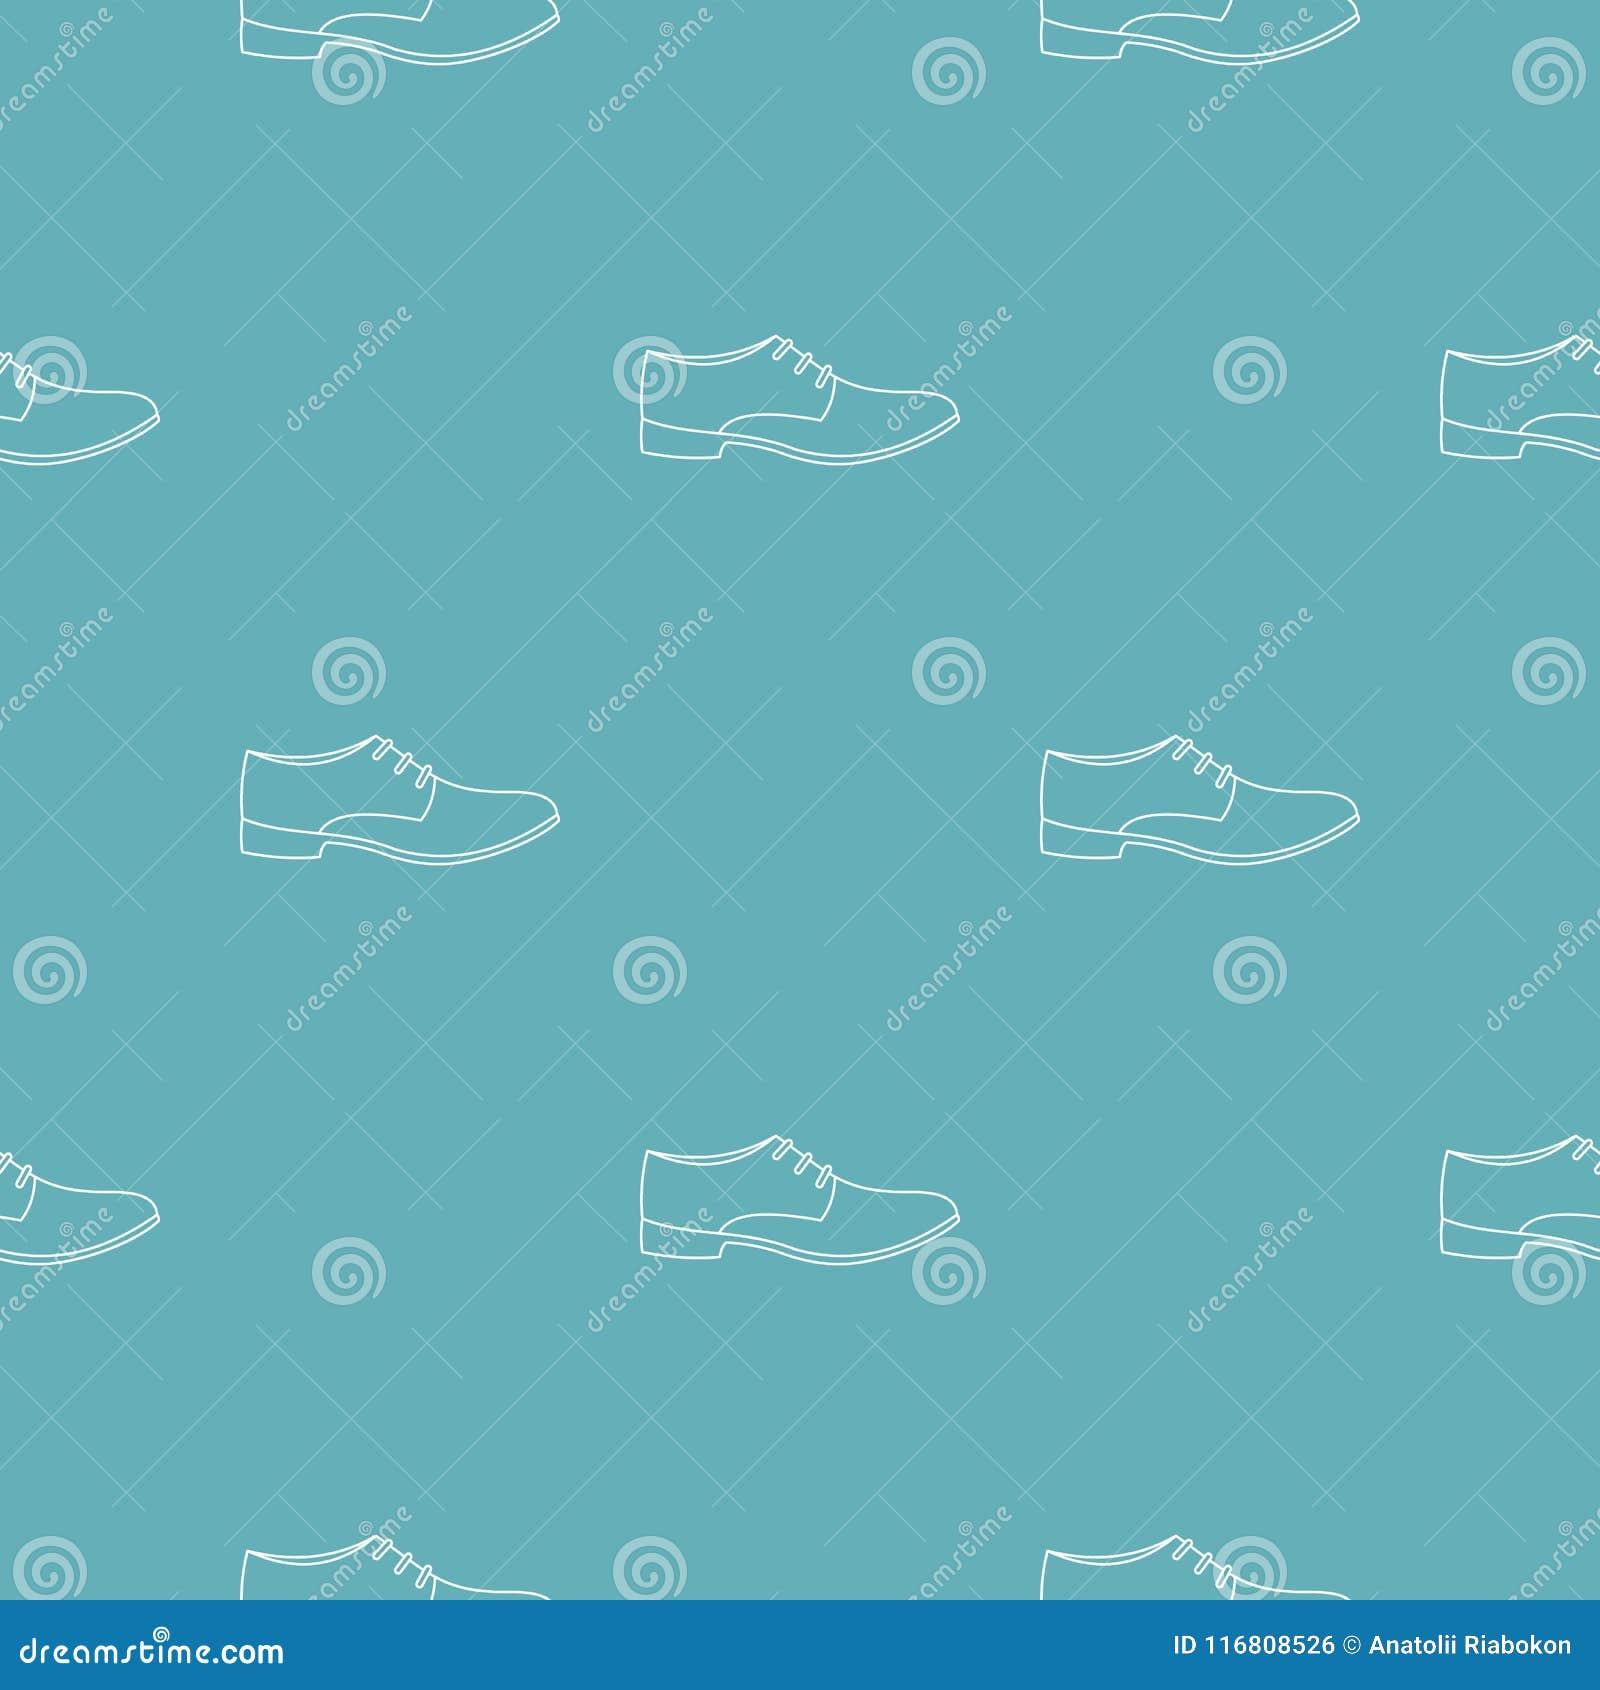 Vettore del modello della scarpa degli uomini senza cuciture